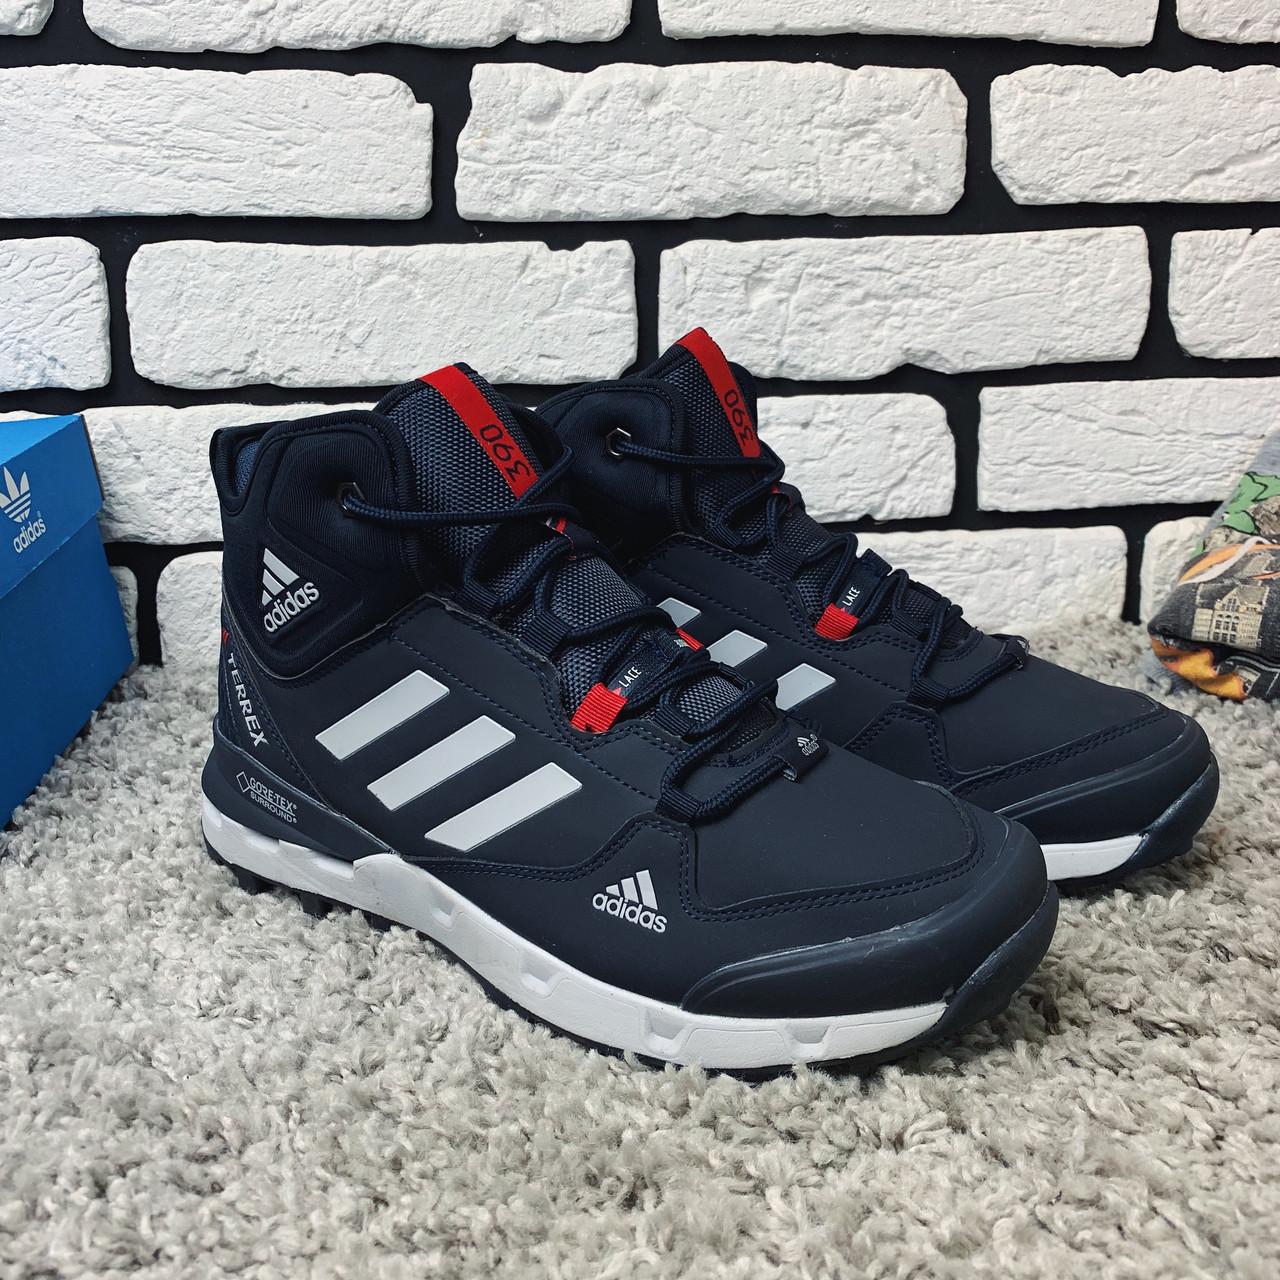 Зимние ботинки (на меху) мужские Adidas TERREX (реплика) 3-146 ⏩ [41 ]